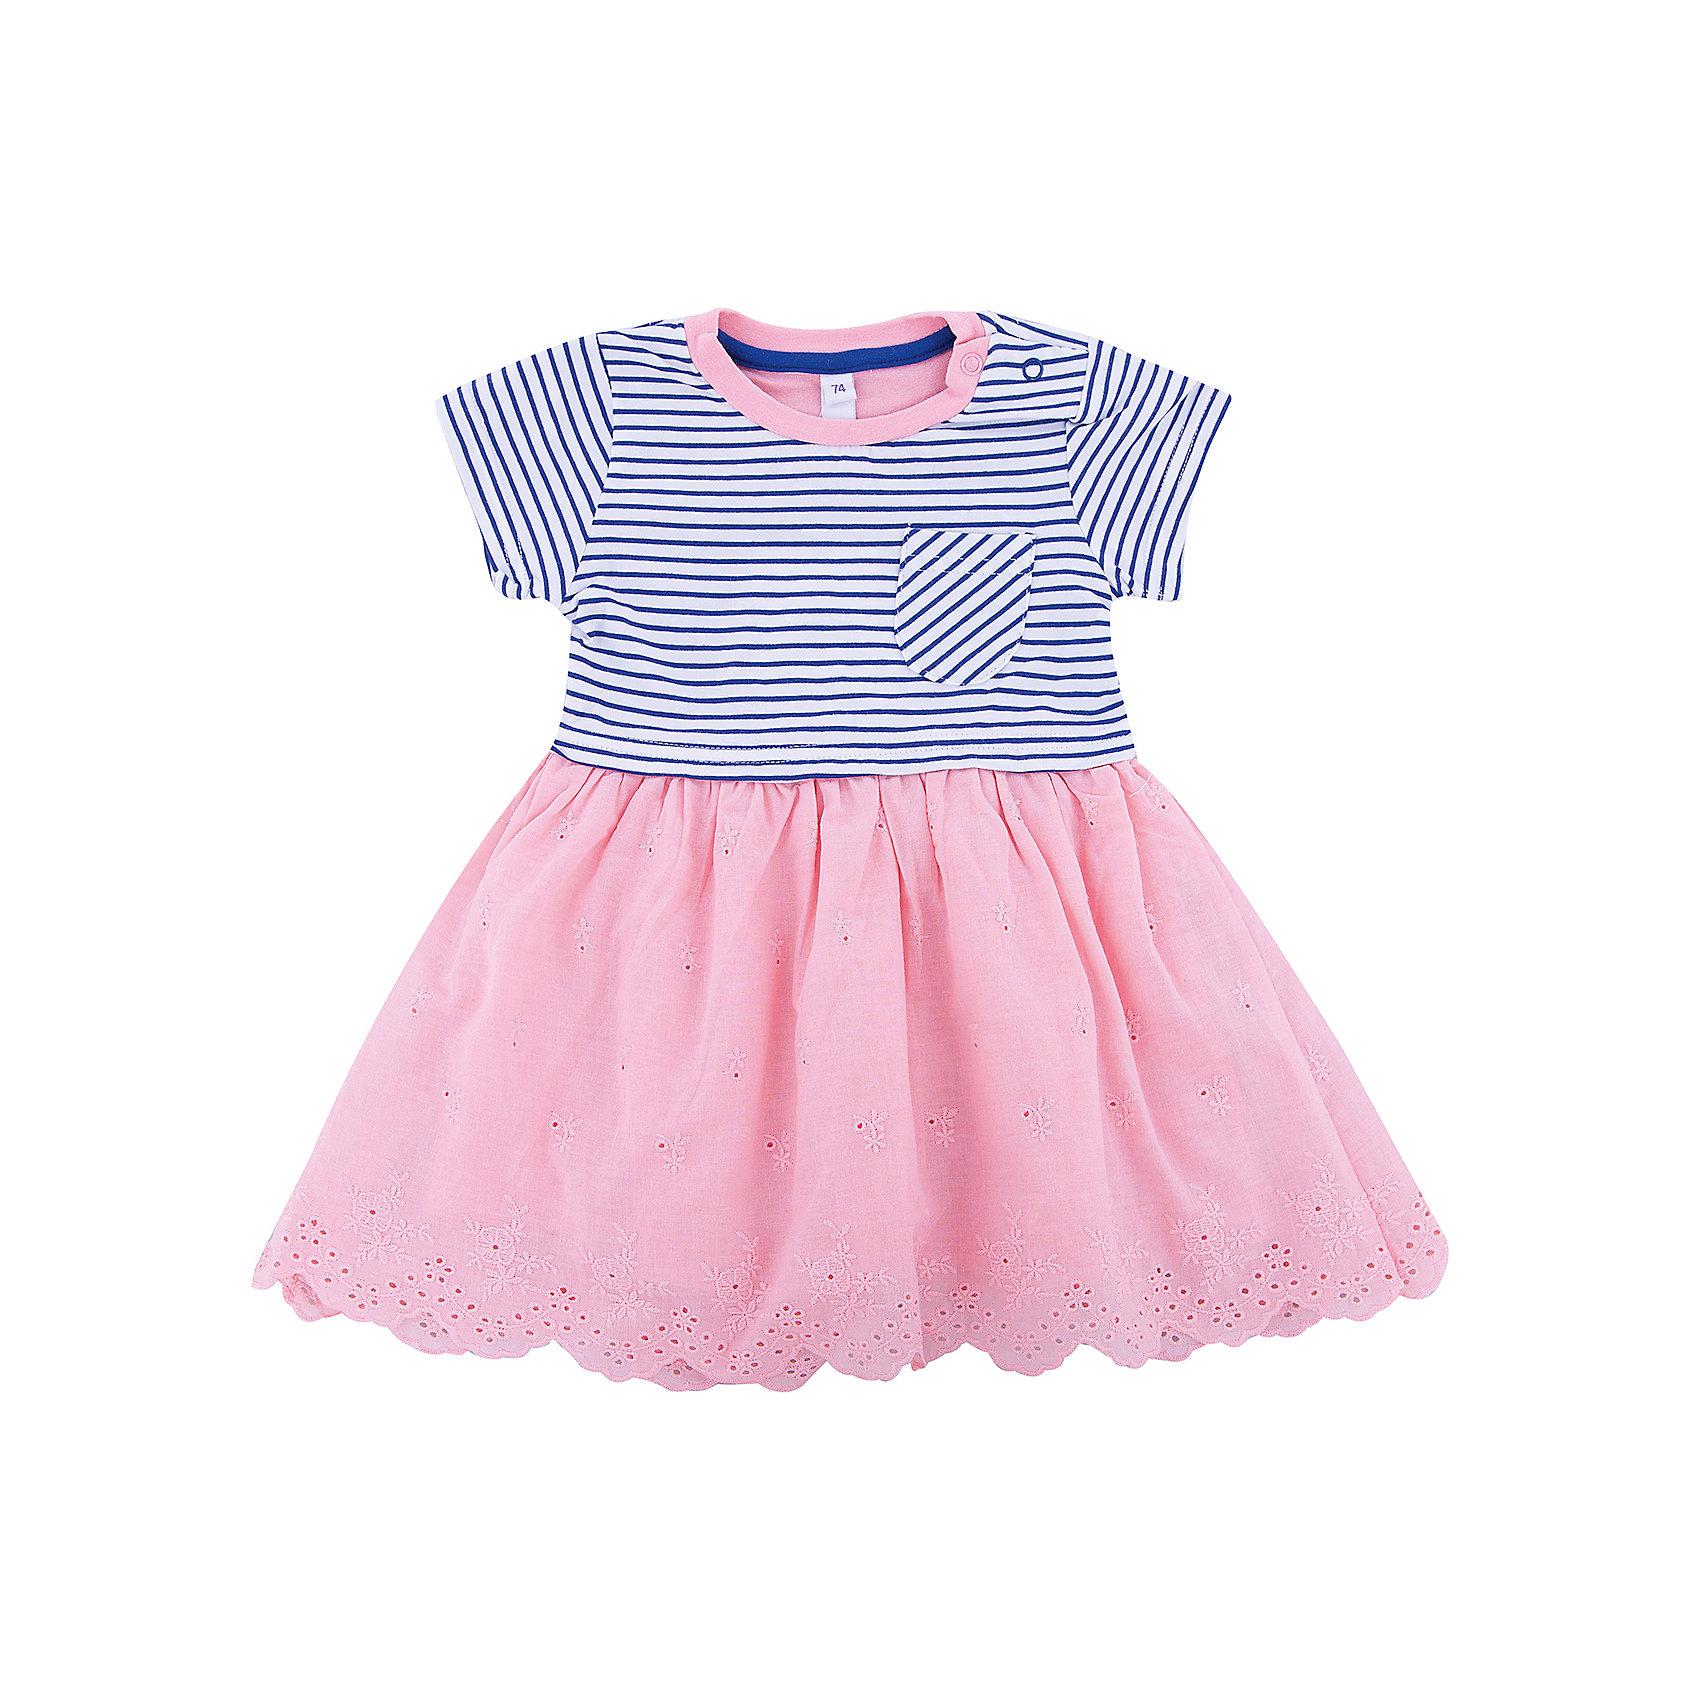 Платье для девочки PlayTodayПлатья<br>Платье для девочки PlayToday<br>Платье, отрезное по талии, с округлым вырезом у горловины, понравится Вашей моднице.  Свободный крой не сковывает движений. Приятная на ощупь ткань не раздражает нежную кожу ребенка. Модель декорирована небольшим аккуратным карманом.Преимущества: Мягкая ткань не вызывает раздраженийСвободный крой не сковывает движений ребенка<br>Состав:<br>95% хлопок, 5% эластан / 100% хлопок<br><br>Ширина мм: 236<br>Глубина мм: 16<br>Высота мм: 184<br>Вес г: 177<br>Цвет: разноцветный<br>Возраст от месяцев: 18<br>Возраст до месяцев: 24<br>Пол: Женский<br>Возраст: Детский<br>Размер: 92,74,80,86<br>SKU: 5408273